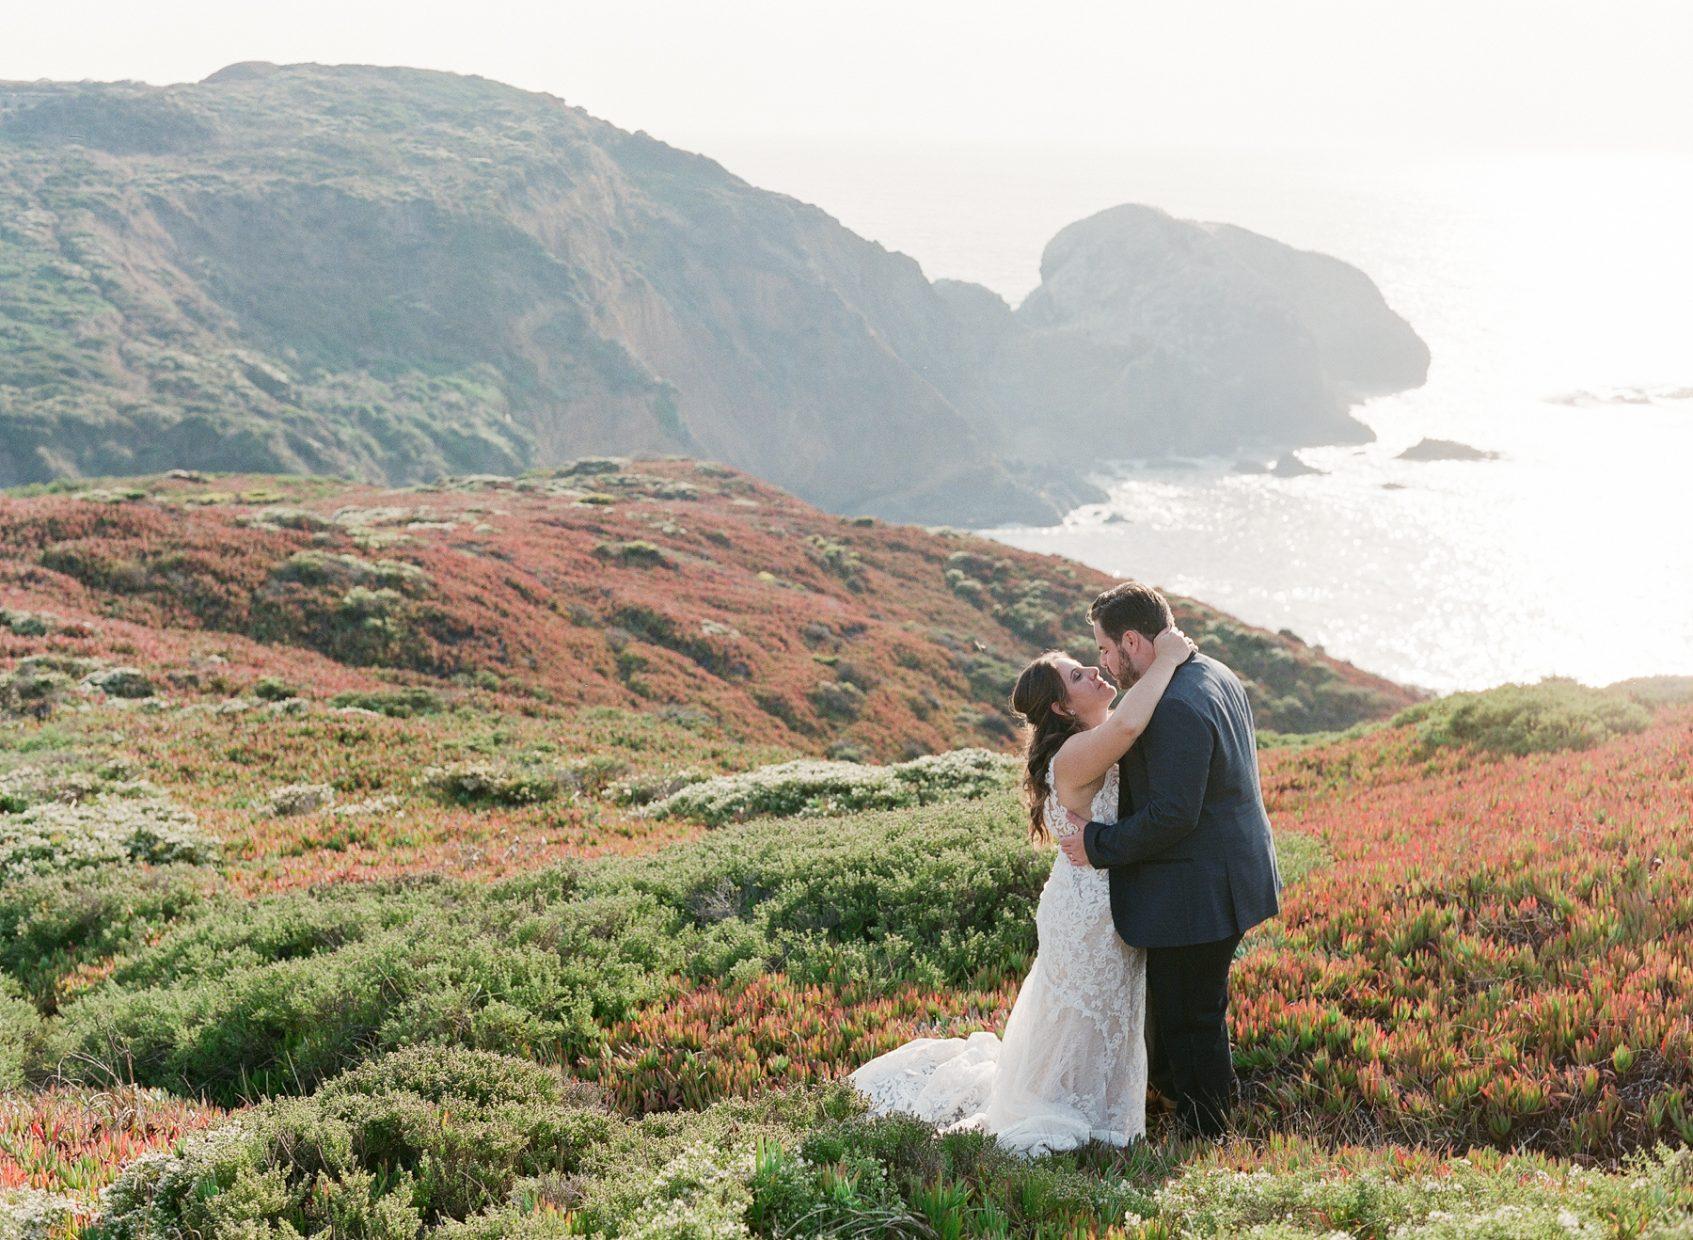 Girl and Boy hugging cliffside